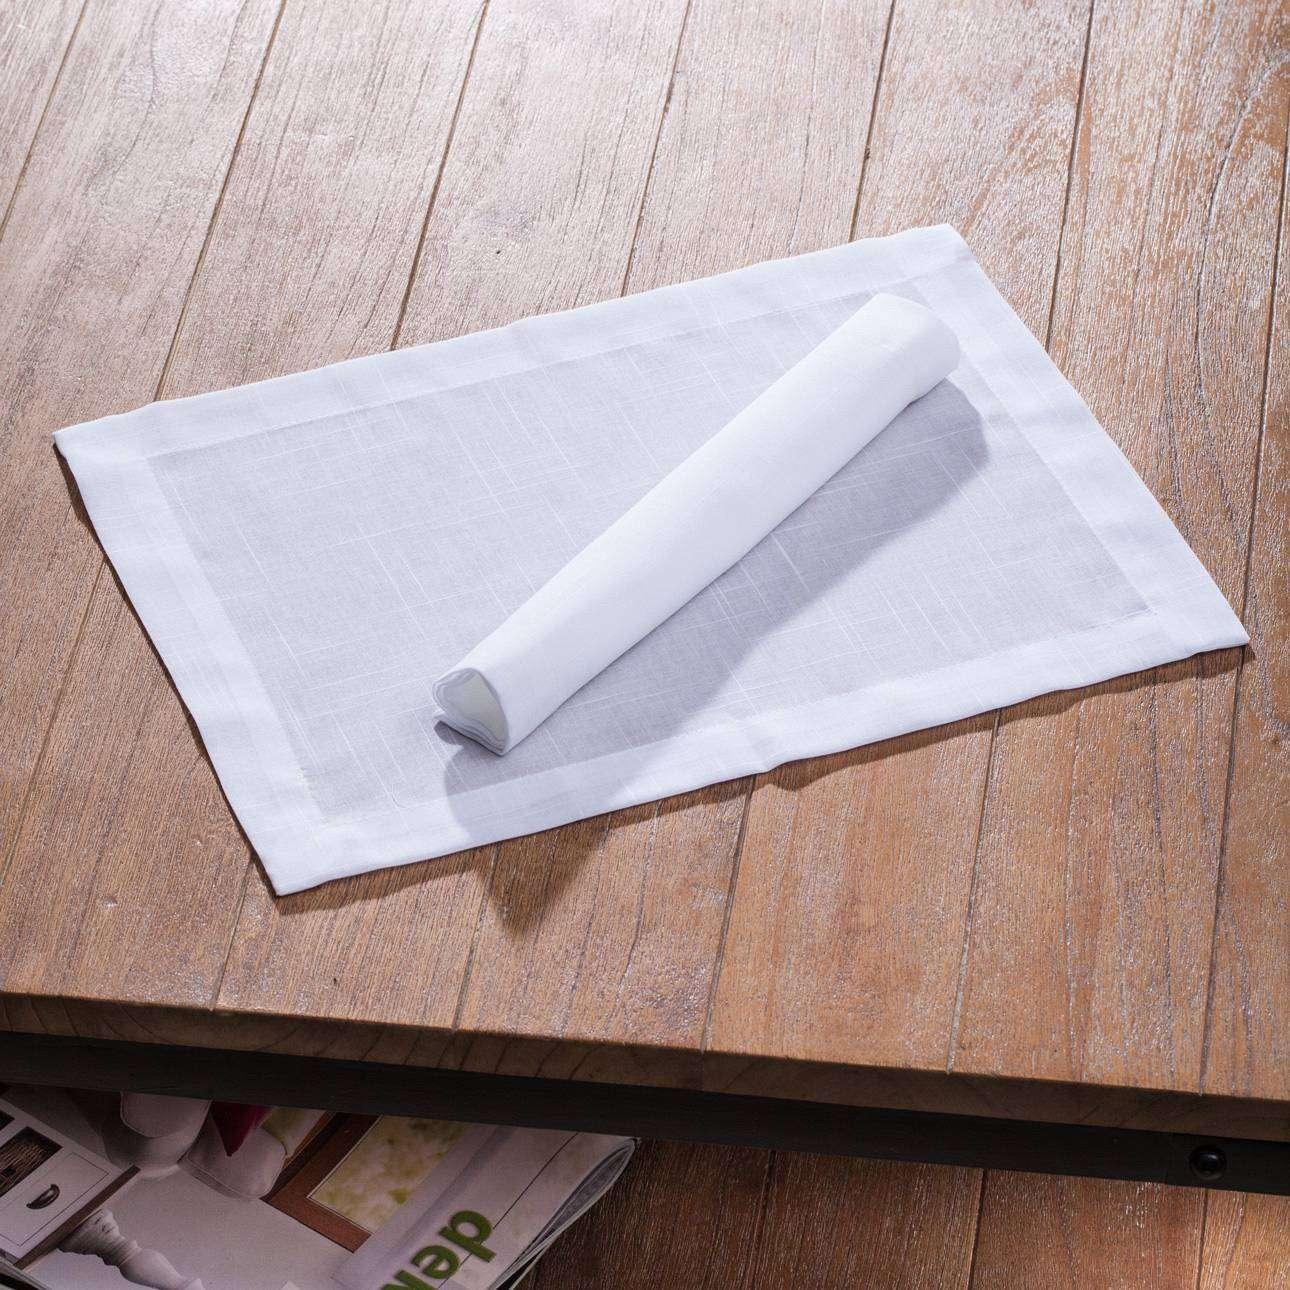 Podkładka 2 sztuki 30x40 cm w kolekcji Romantica, tkanina: 128-77